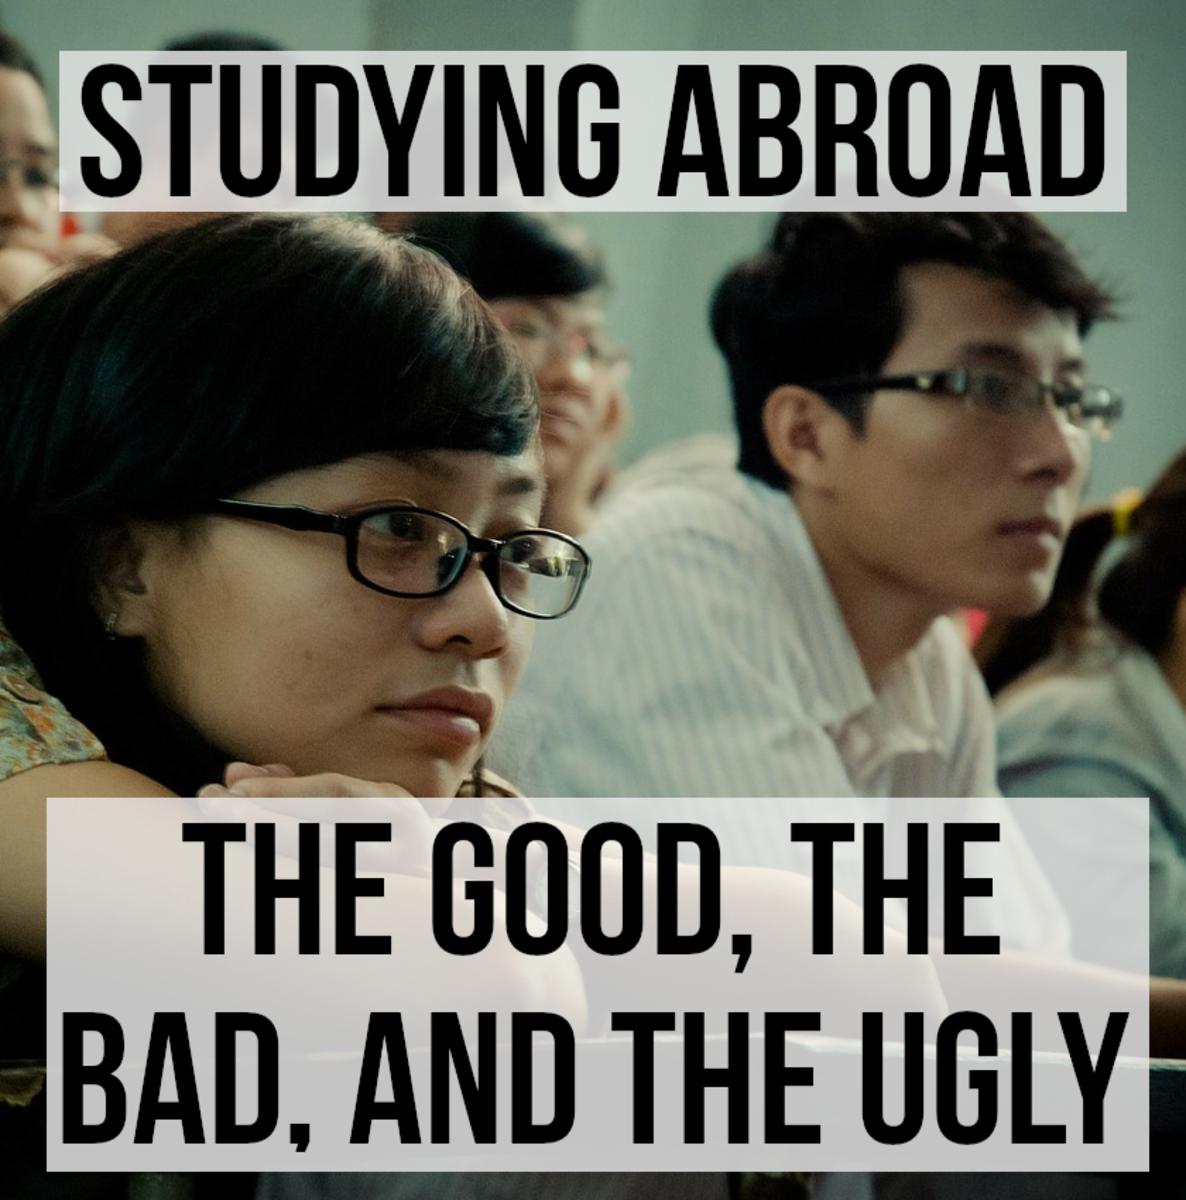 出国留学可以带来很多好处,它经常拓宽视野,加深学习经验。然而,有缺点也增加了教育成本,以及克服的语言和文化障碍。